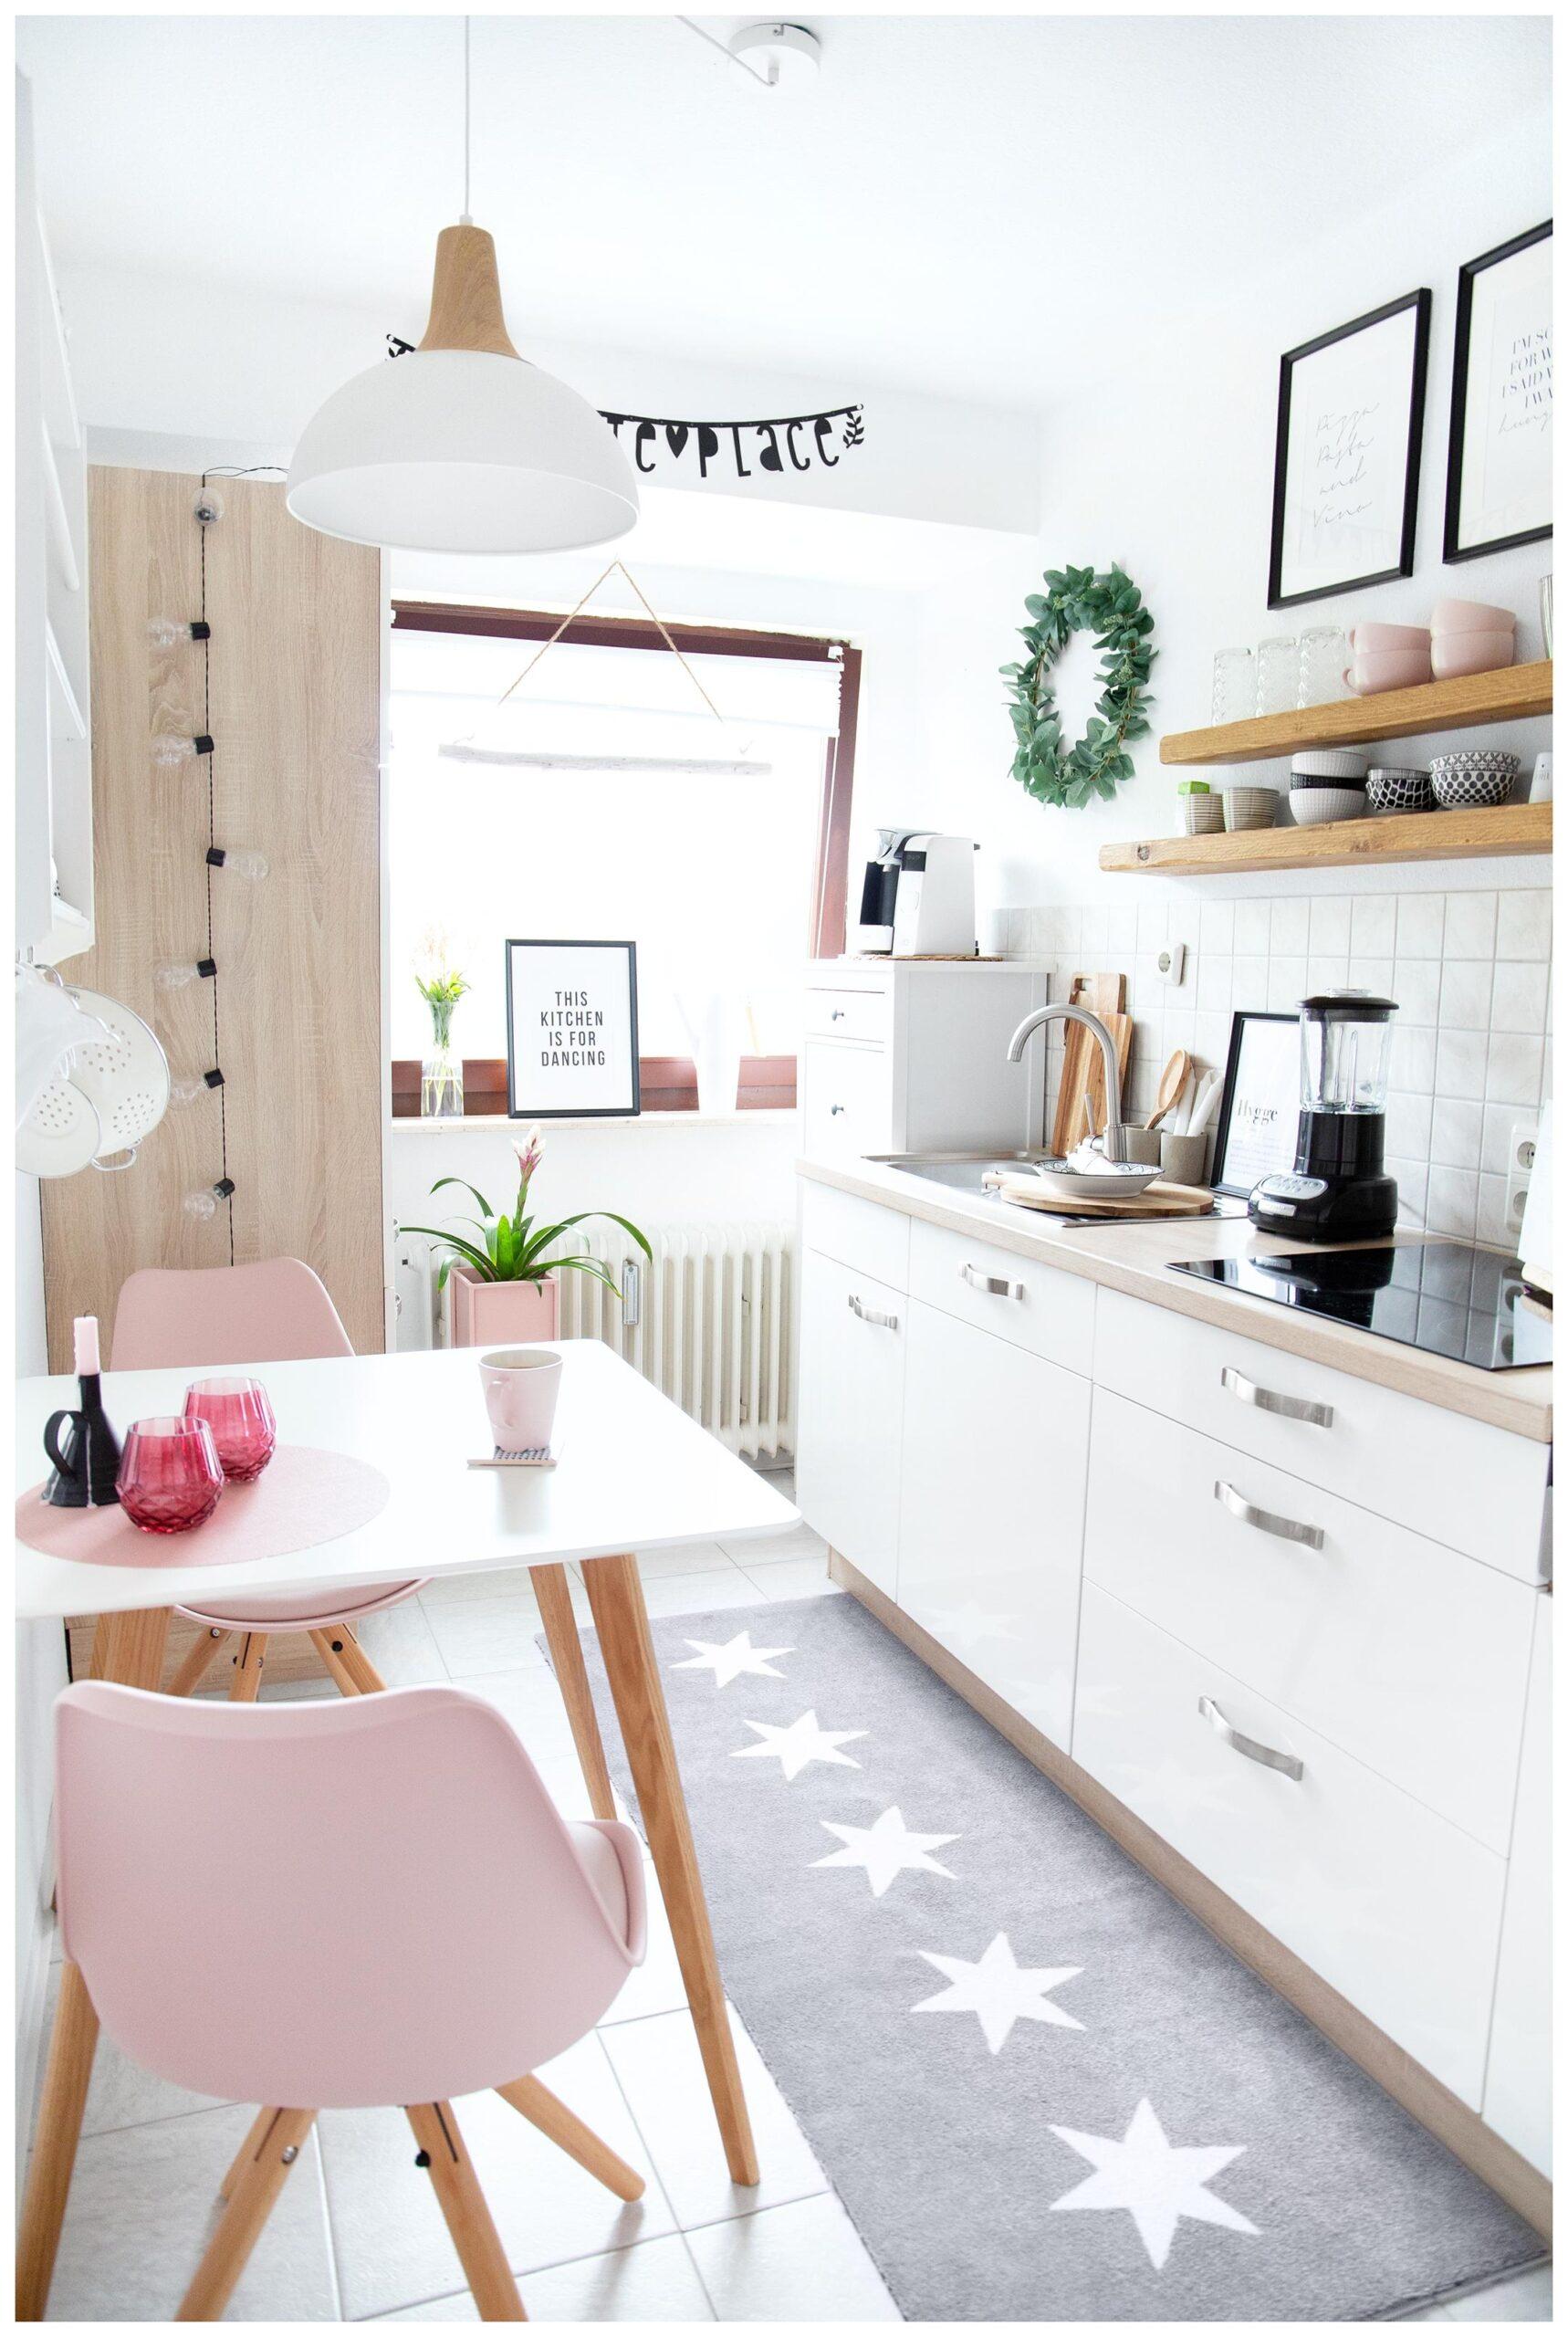 Full Size of Rosa Küche Ikea Kosten Apothekerschrank Gardine Was Kostet Eine Neue Einbauküche Mit E Geräten Nischenrückwand Led Deckenleuchte Lampen Erweitern Kinder Wohnzimmer Rosa Küche